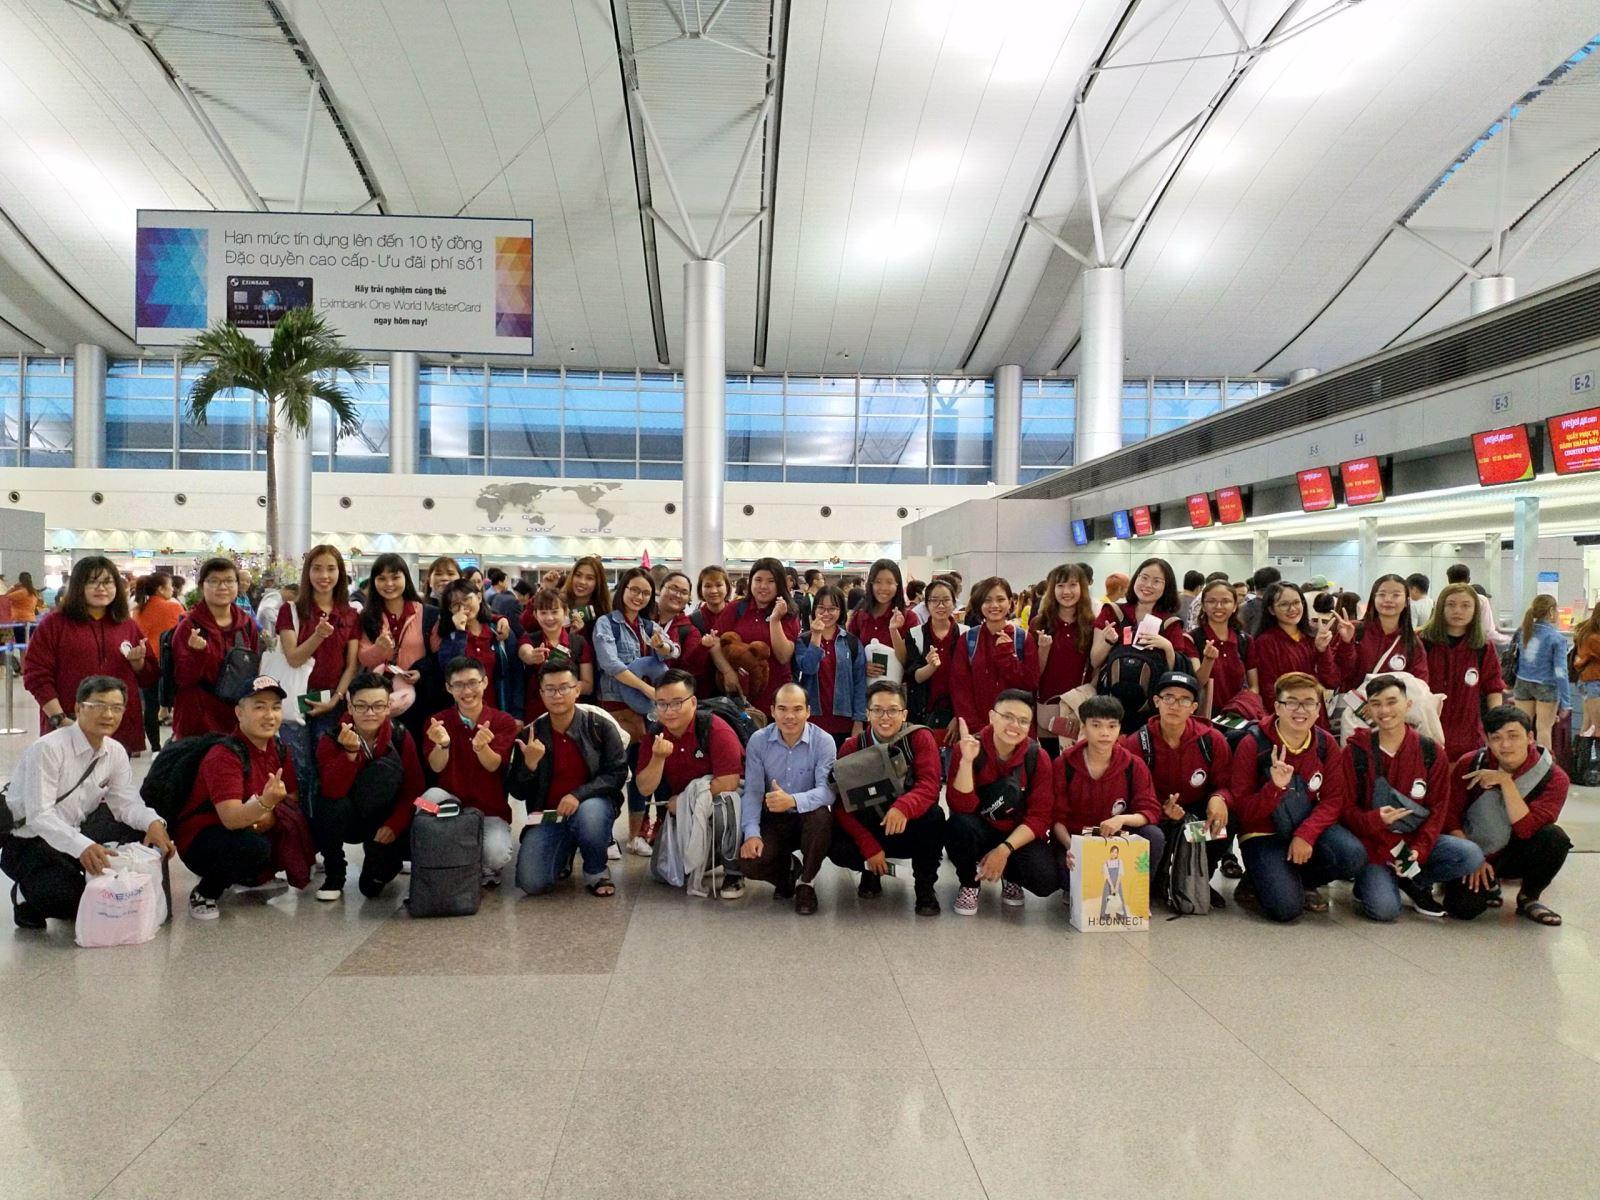 Lễ tiễn các sinh viên chương trình liên kết quốc tế 2+2 khóa 2016-2020 sang Đài Loan sinh sống và học tập giai đoạn 2.